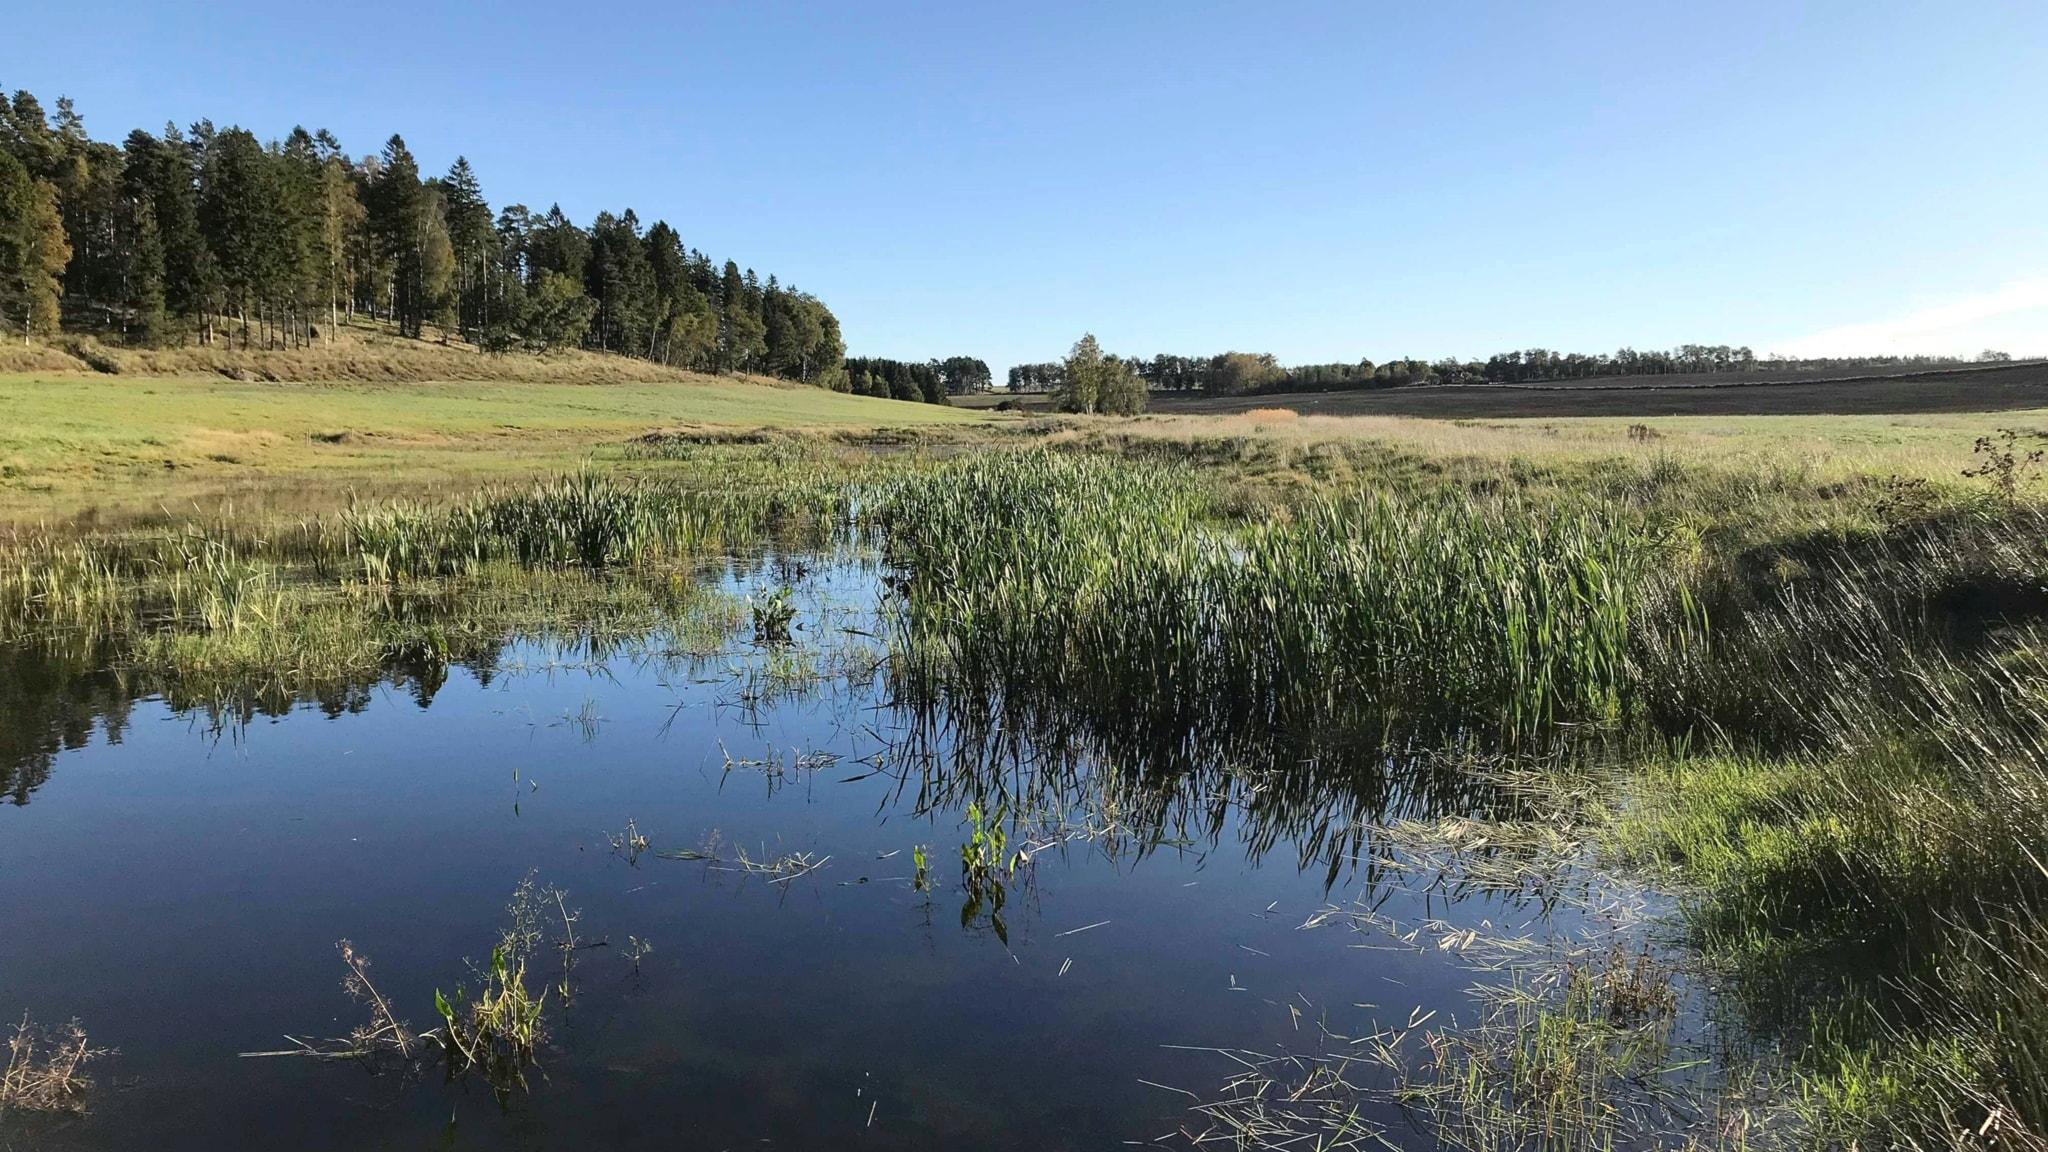 Våtmarker värda att värna, och den svarta rödstjärtens svaghet för ruiner